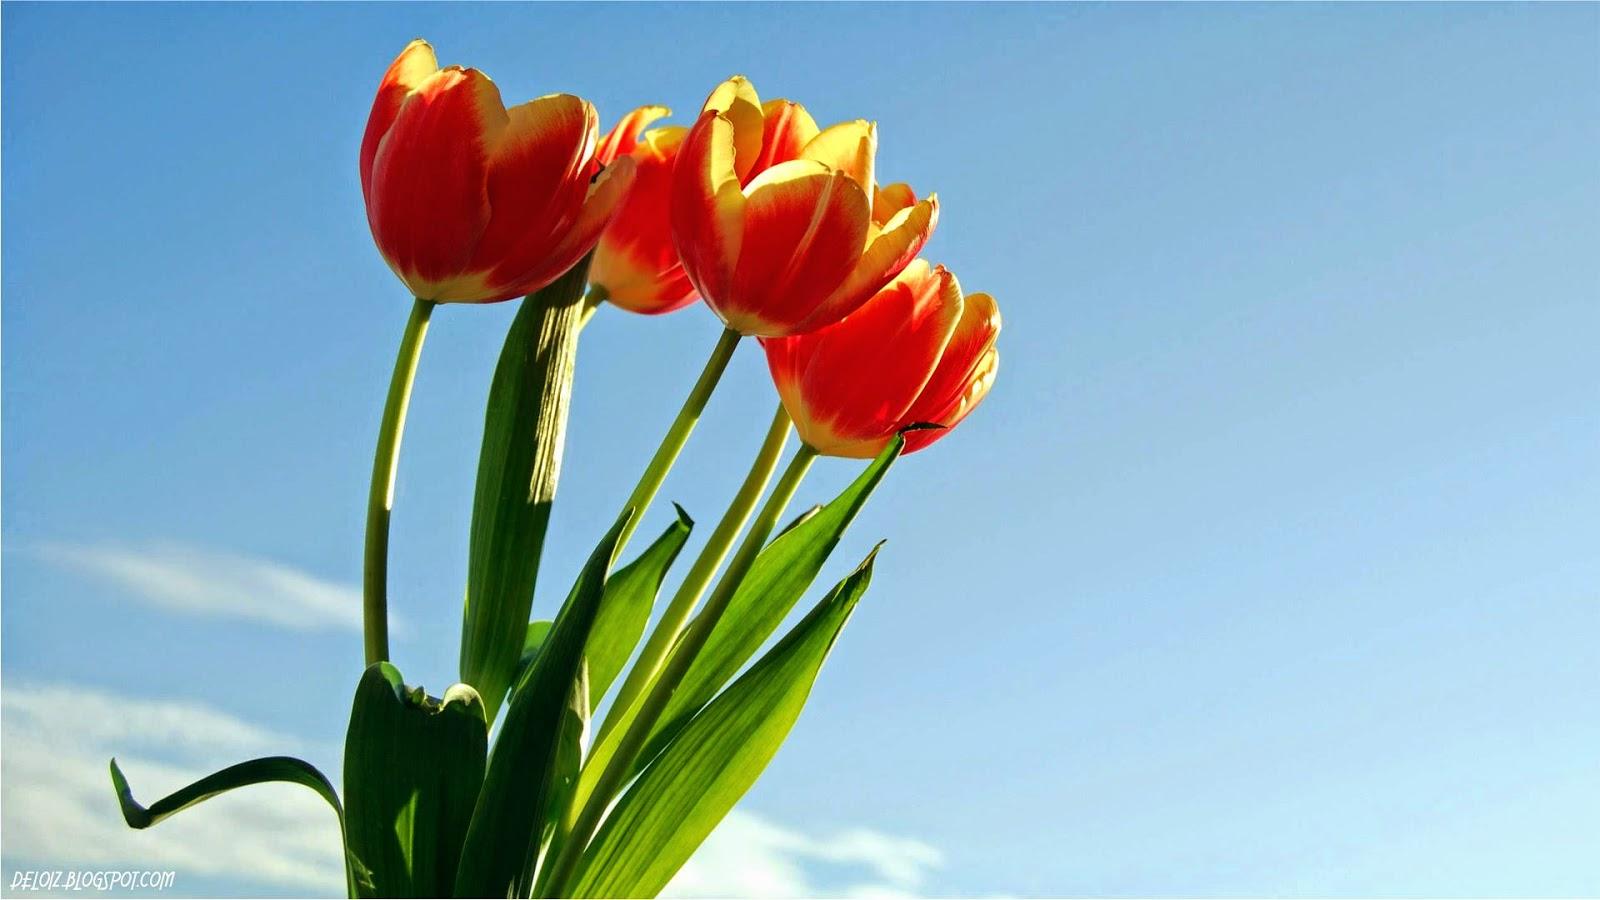 Hd wallpaper untuk laptop - Wallpaper Bunga Tulip Merah Deloiz Wallpaper